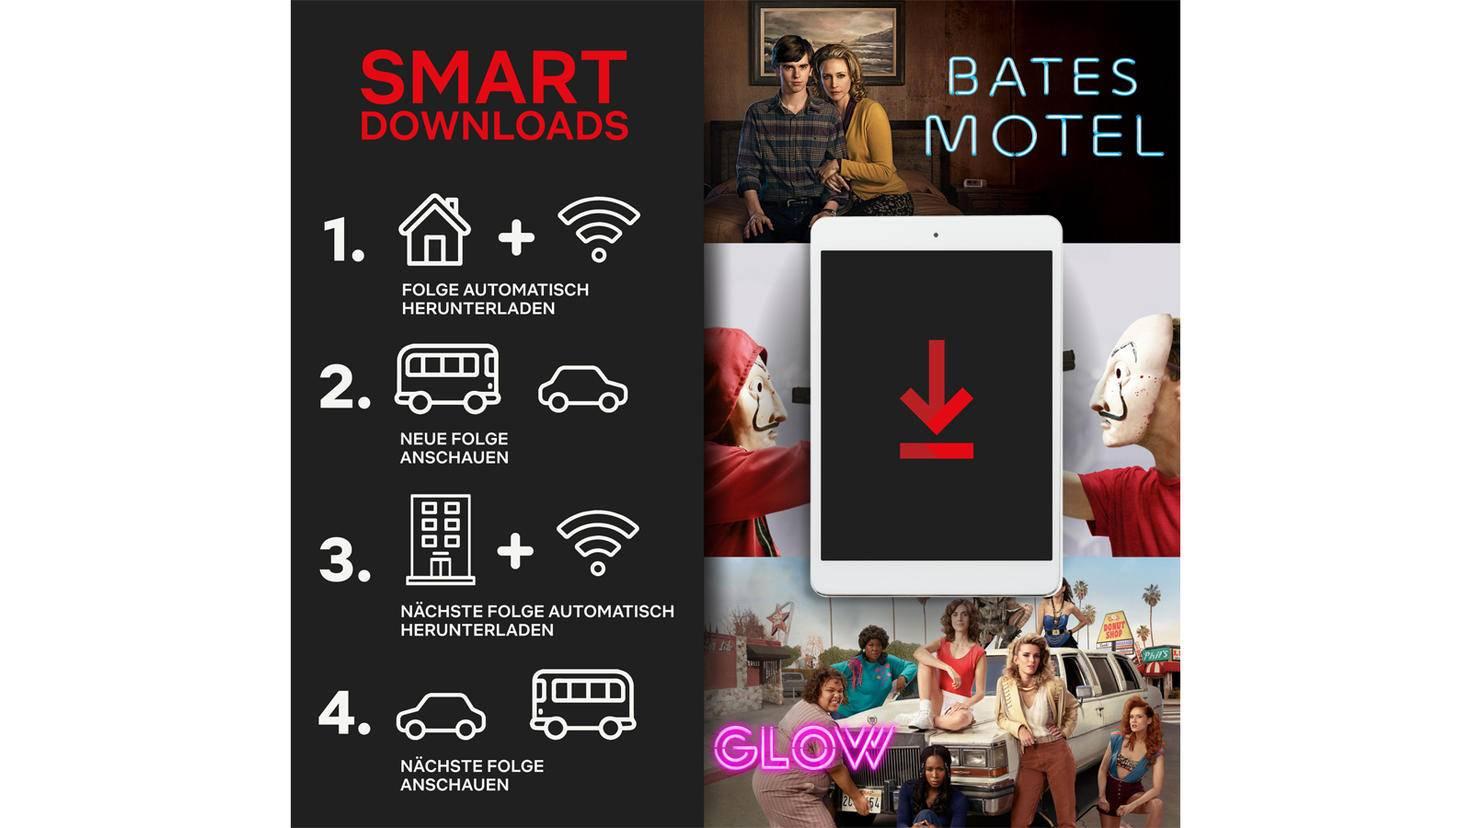 Praktisch: Android-User können das neue Feature Smart Download nutzen und Platz sparen.